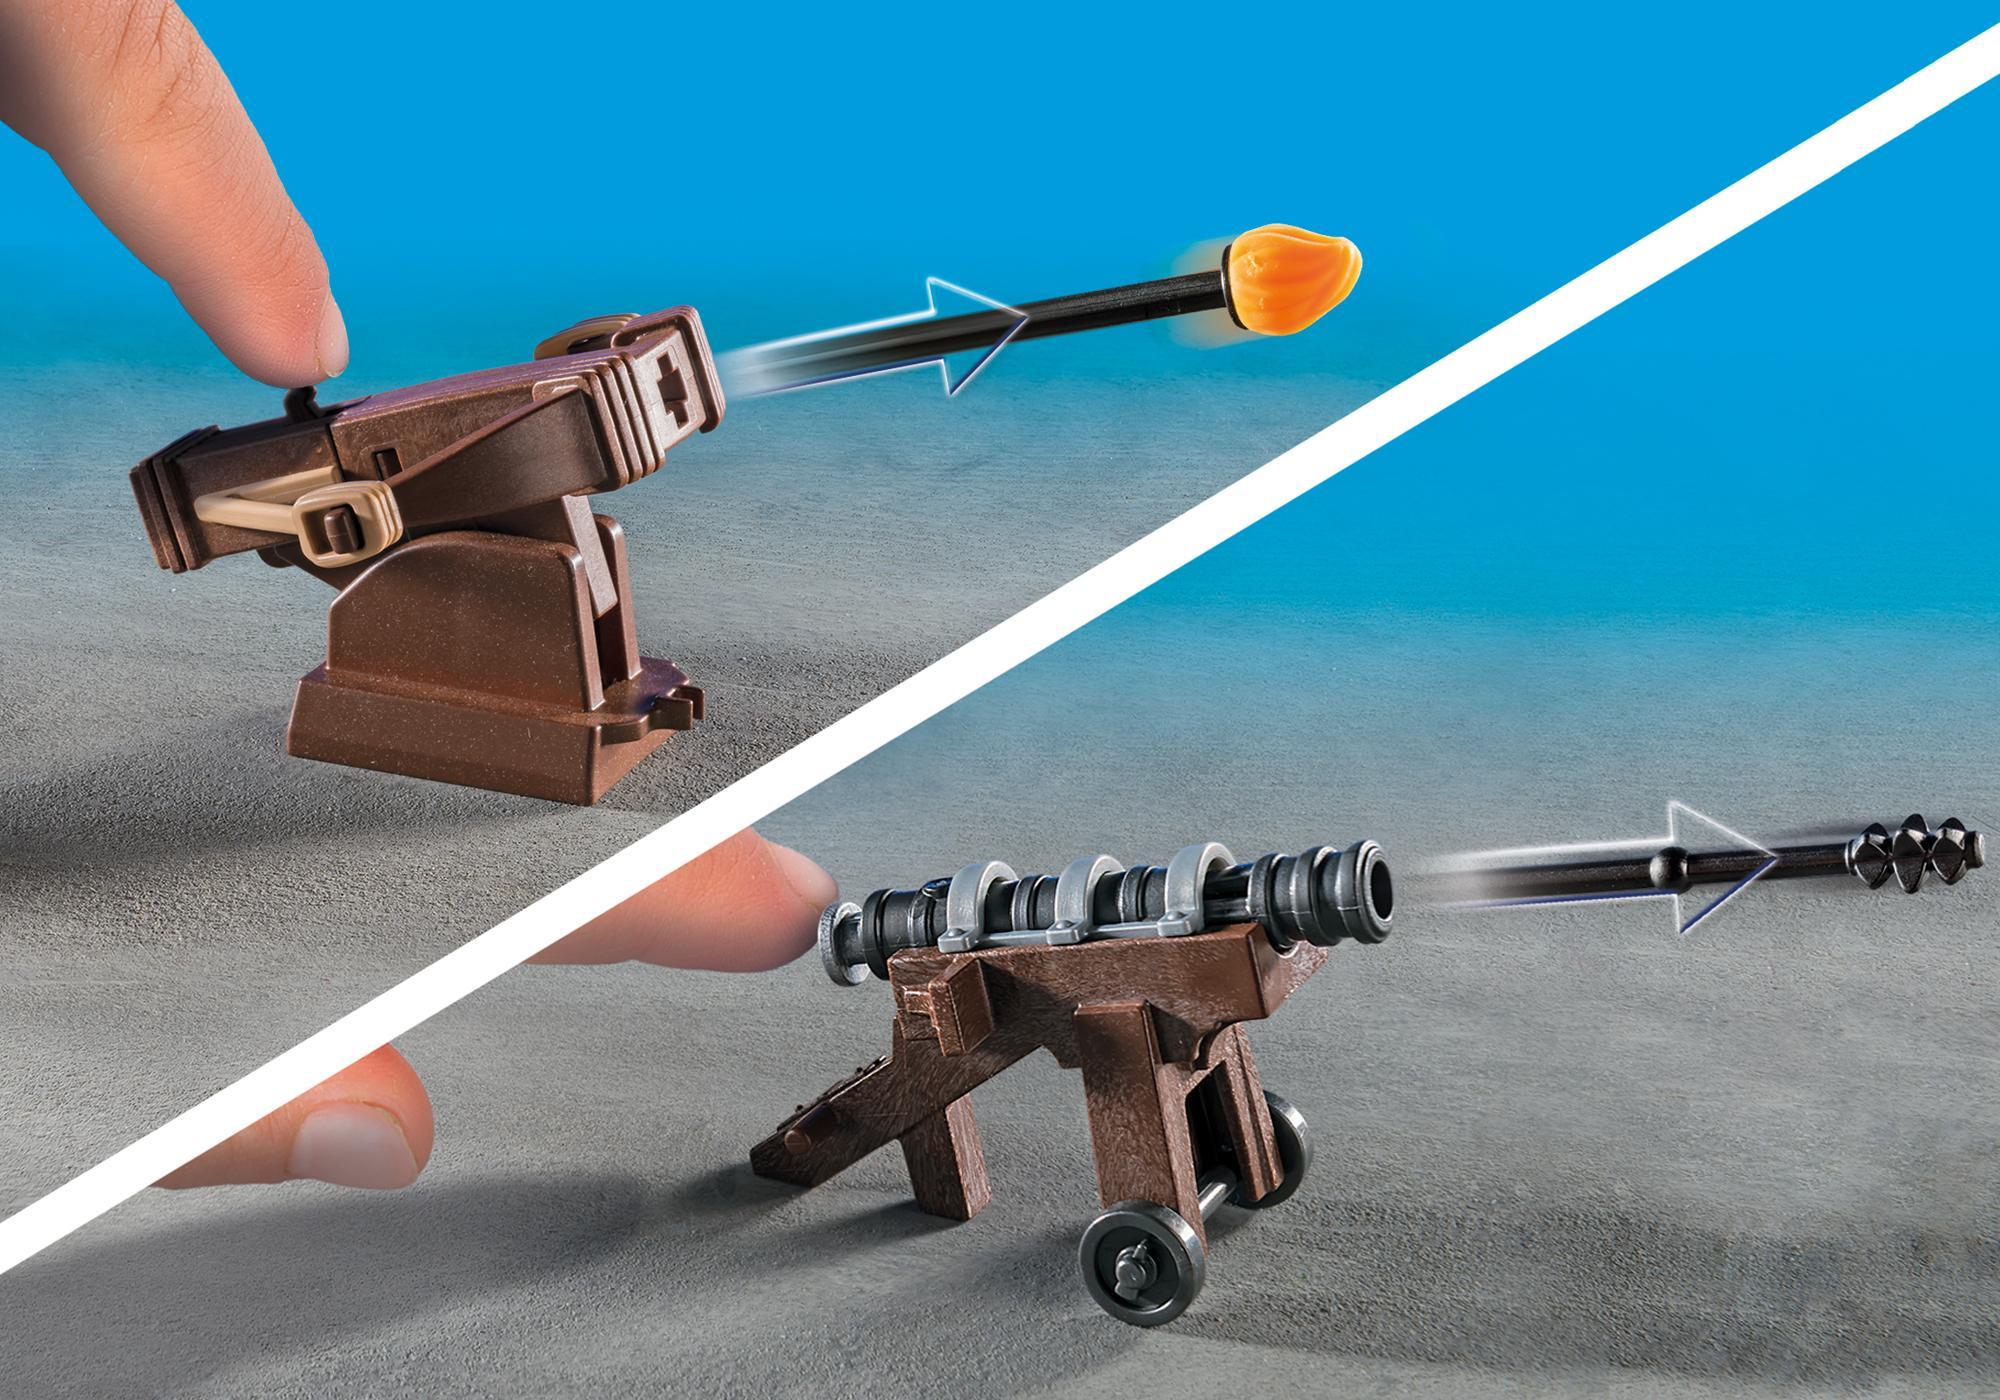 http://media.playmobil.com/i/playmobil/6627_product_extra3/Forte dos Cavaleiros do Dragão